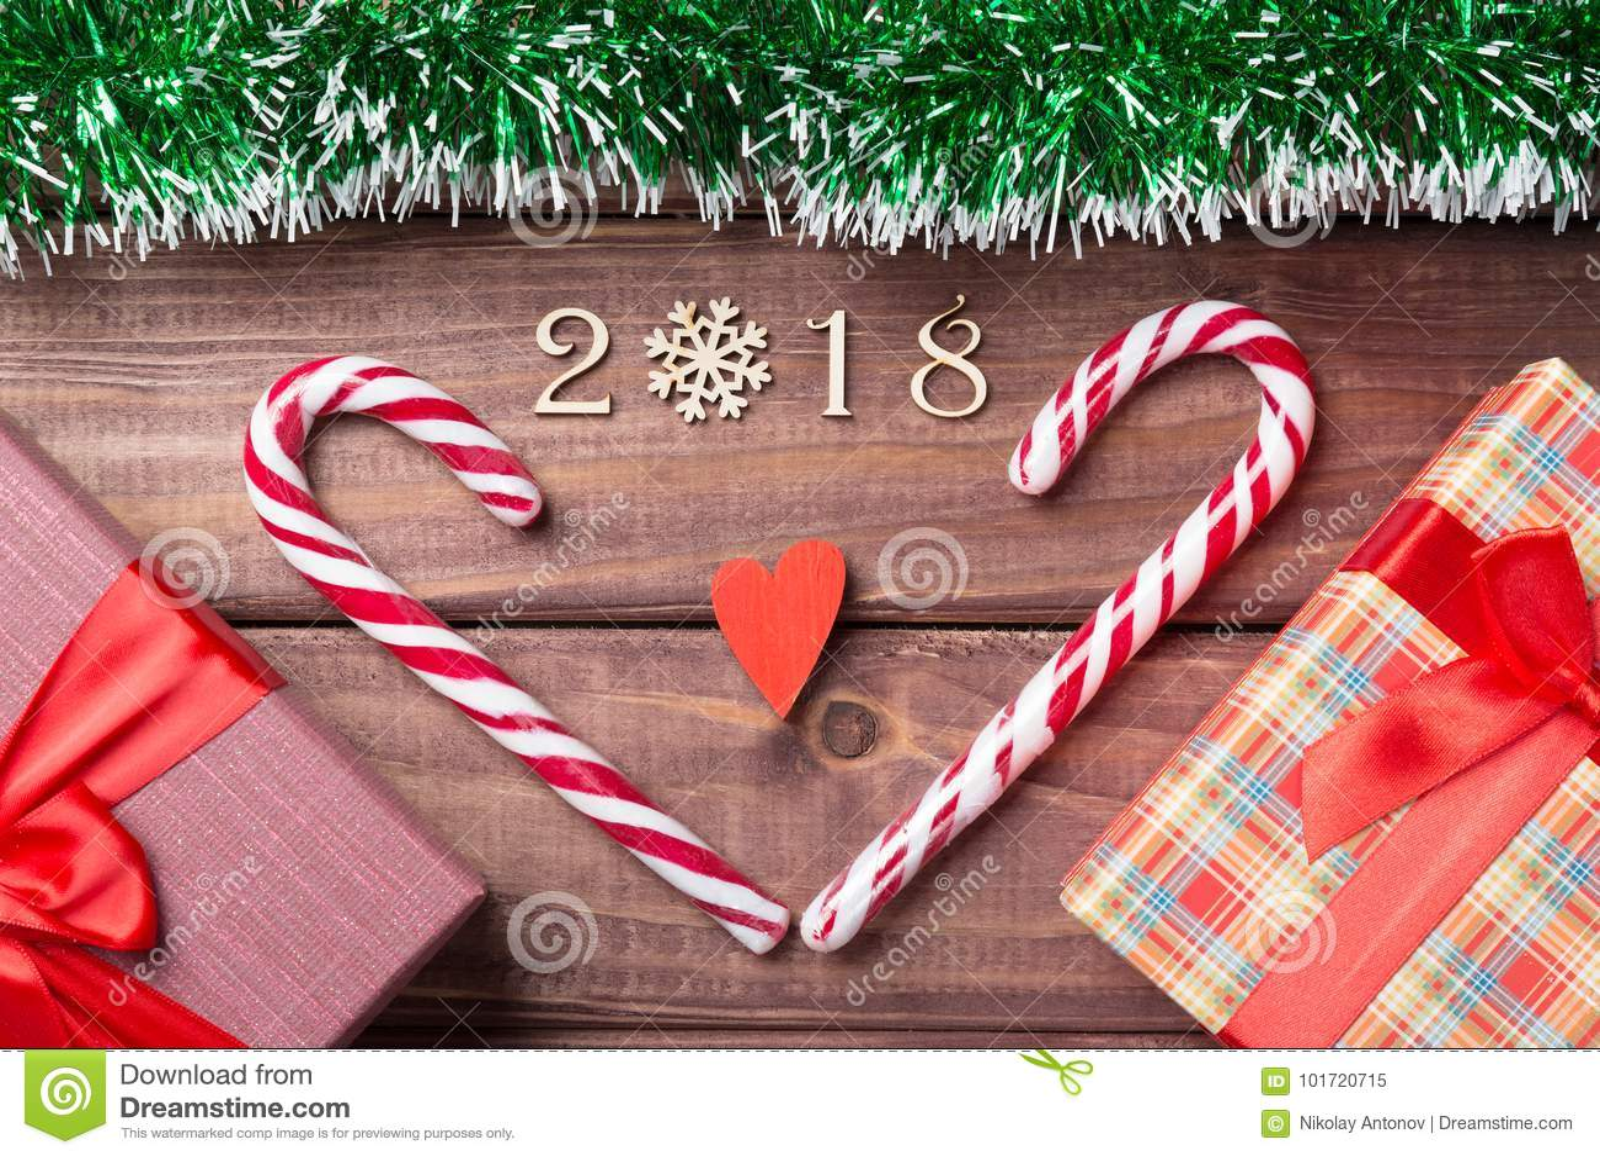 Nuovo anno o cartolina di Natale 2018 figure decorative di legno con cuore hanno modellato i bastoncini di zucchero, giftboxes ed